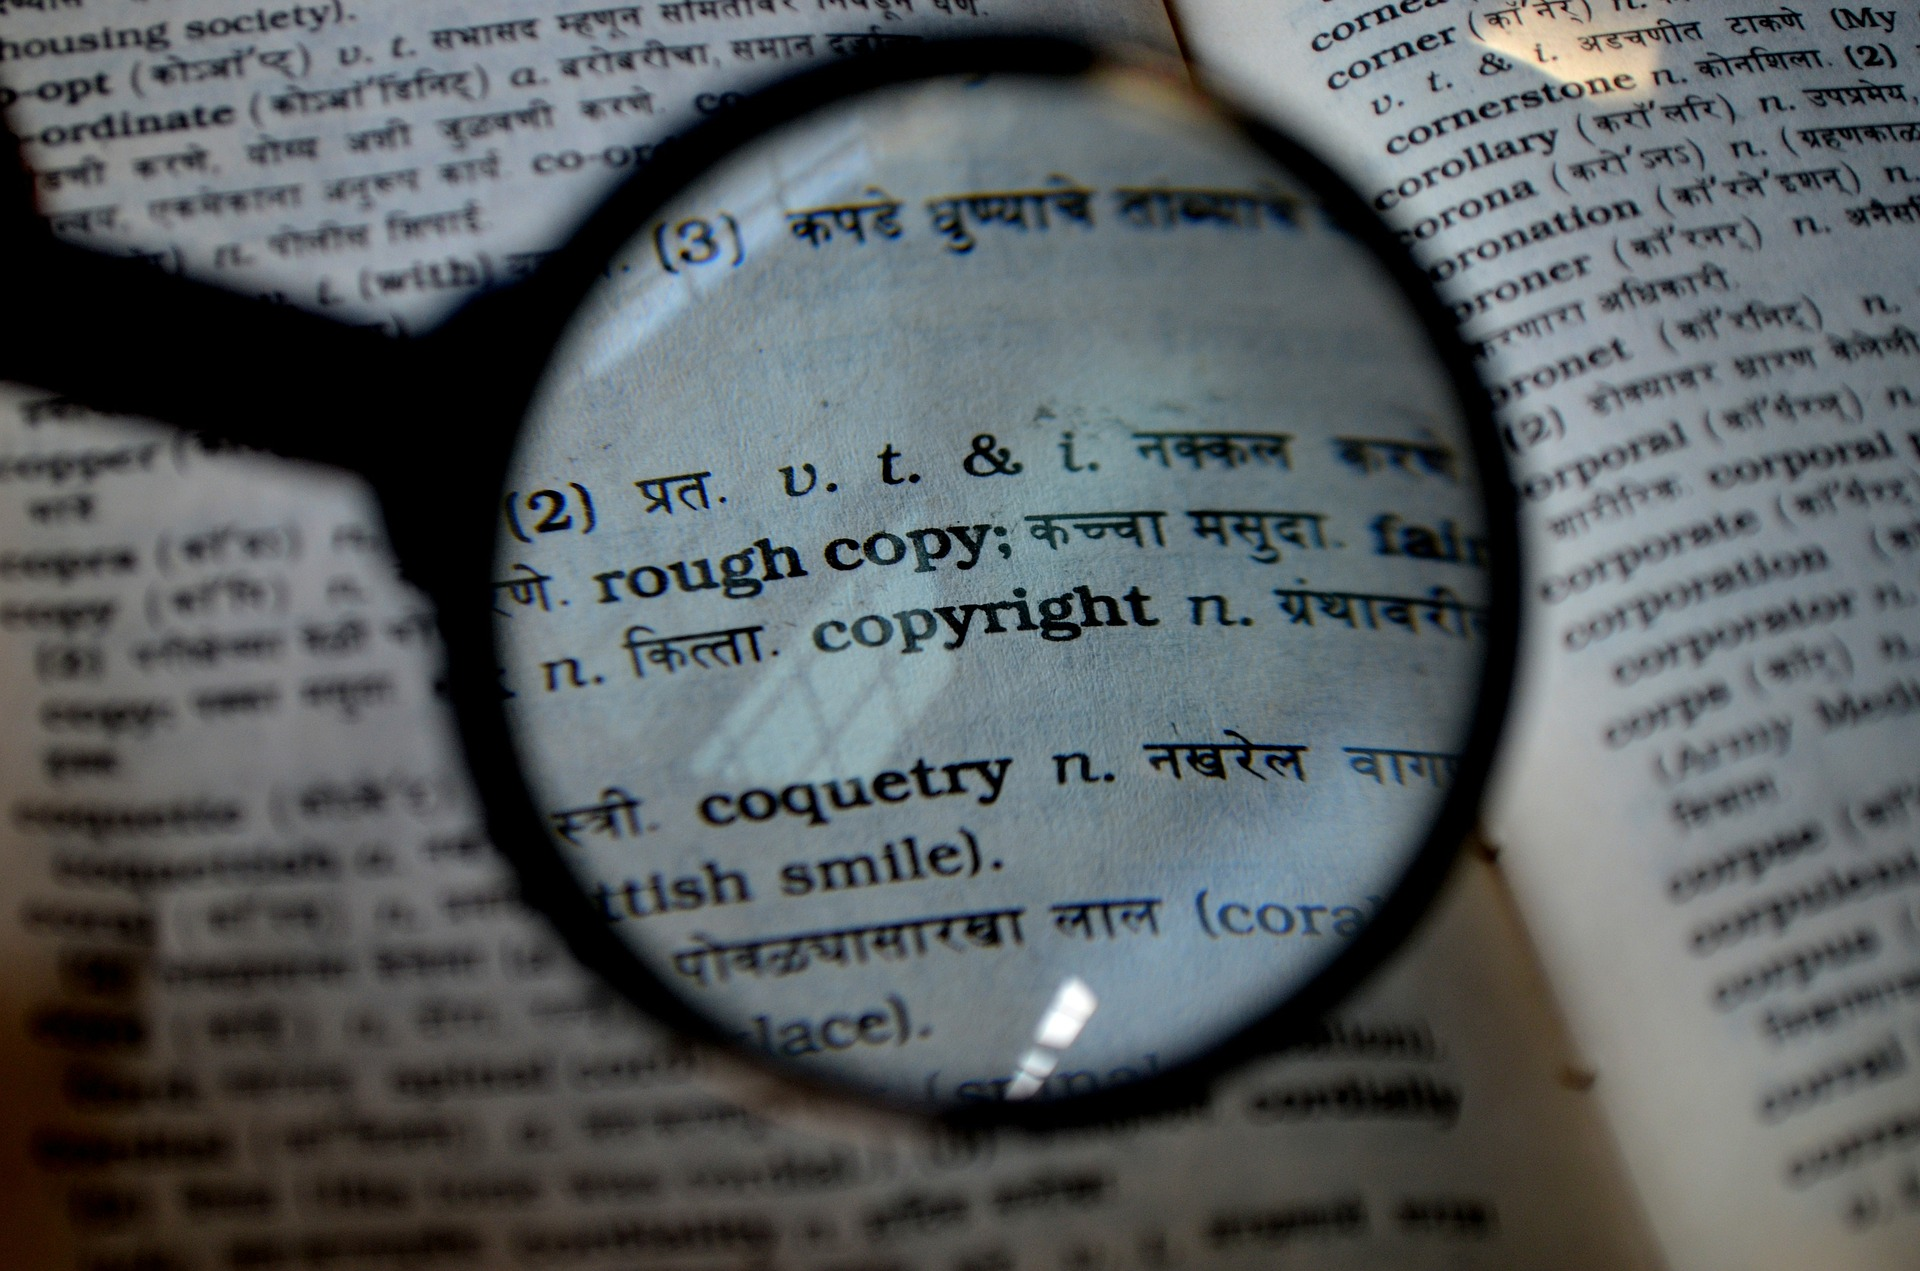 Direito autoral, princípios jurídicos e era digital marcam debates no primeiro dia do seminário internacional